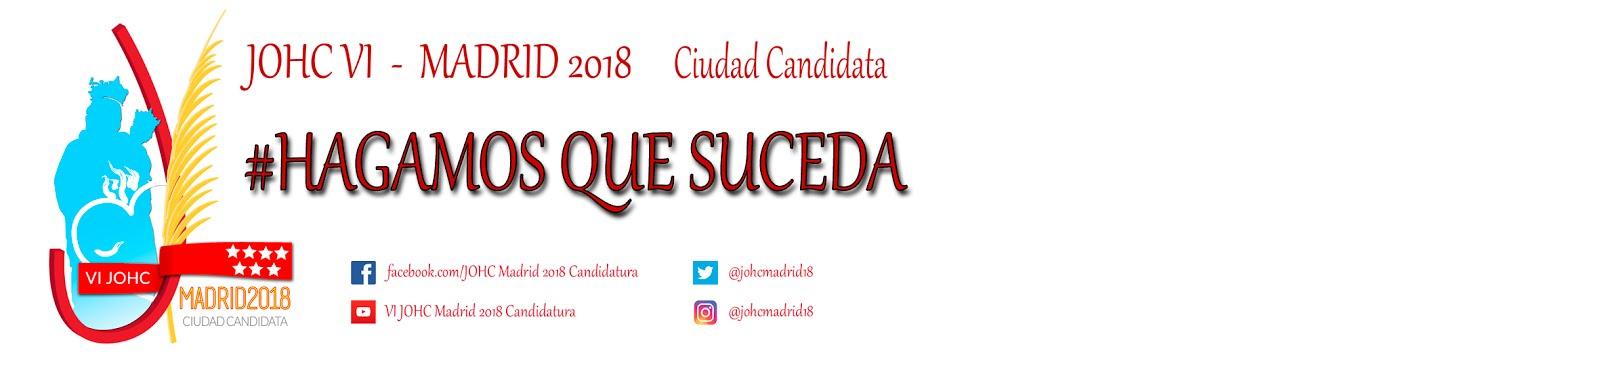 JOHC Madrid 2018 - Candidatura